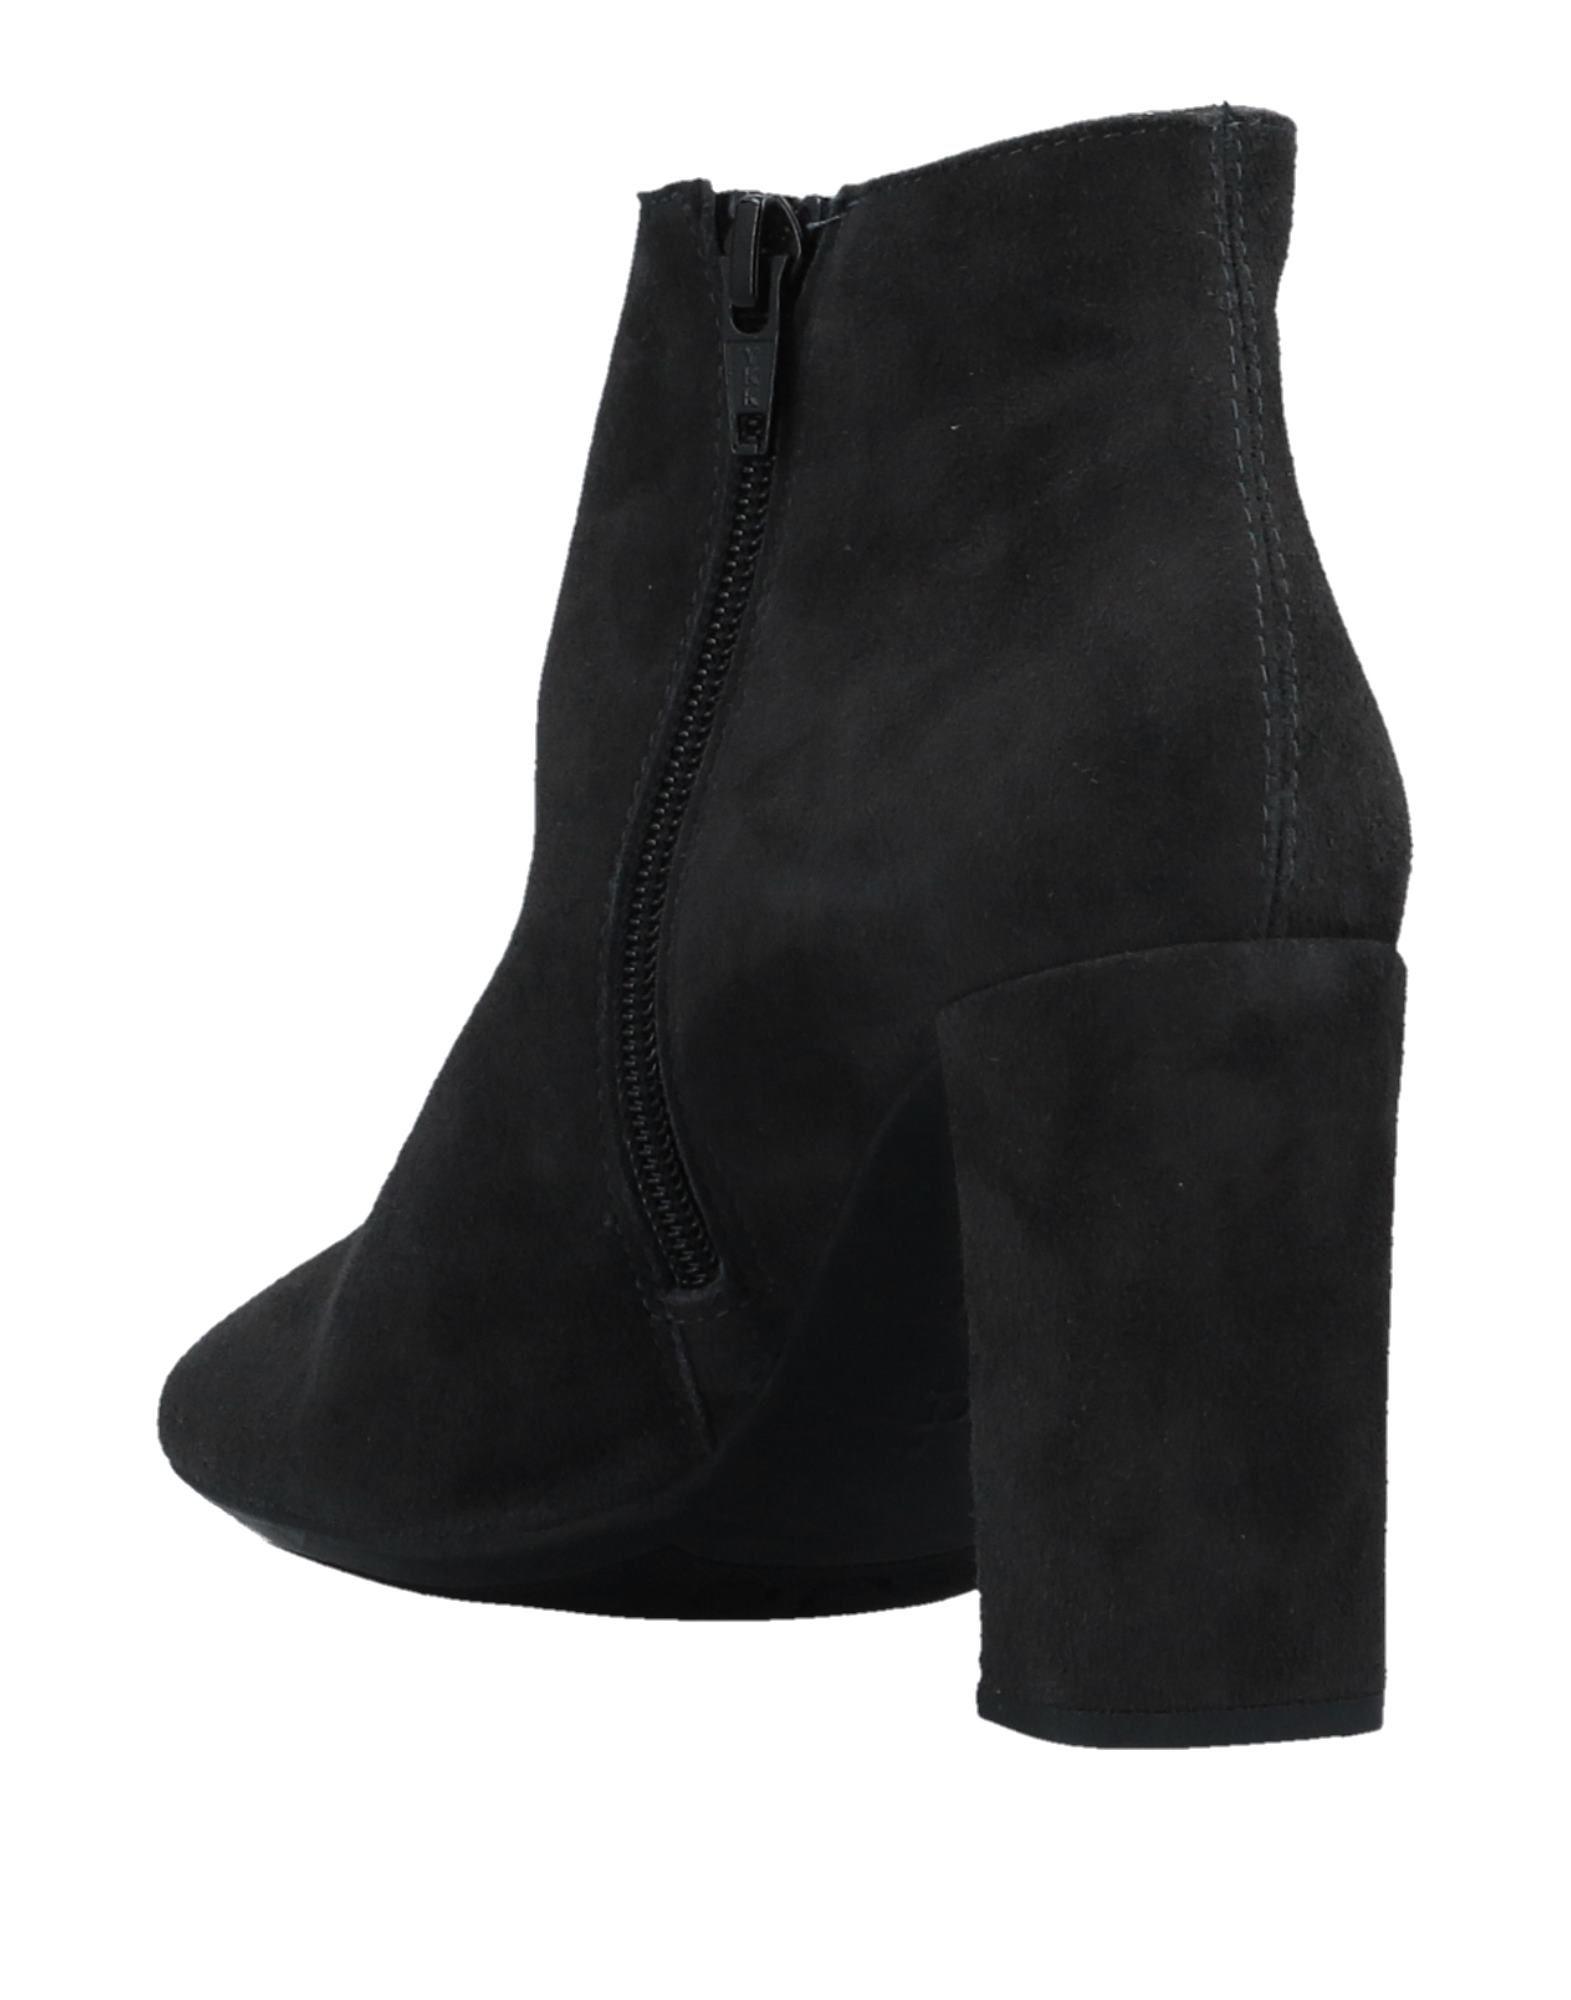 Unisa Stiefelette Gute Damen  11052342JM Gute Stiefelette Qualität beliebte Schuhe 42eb20